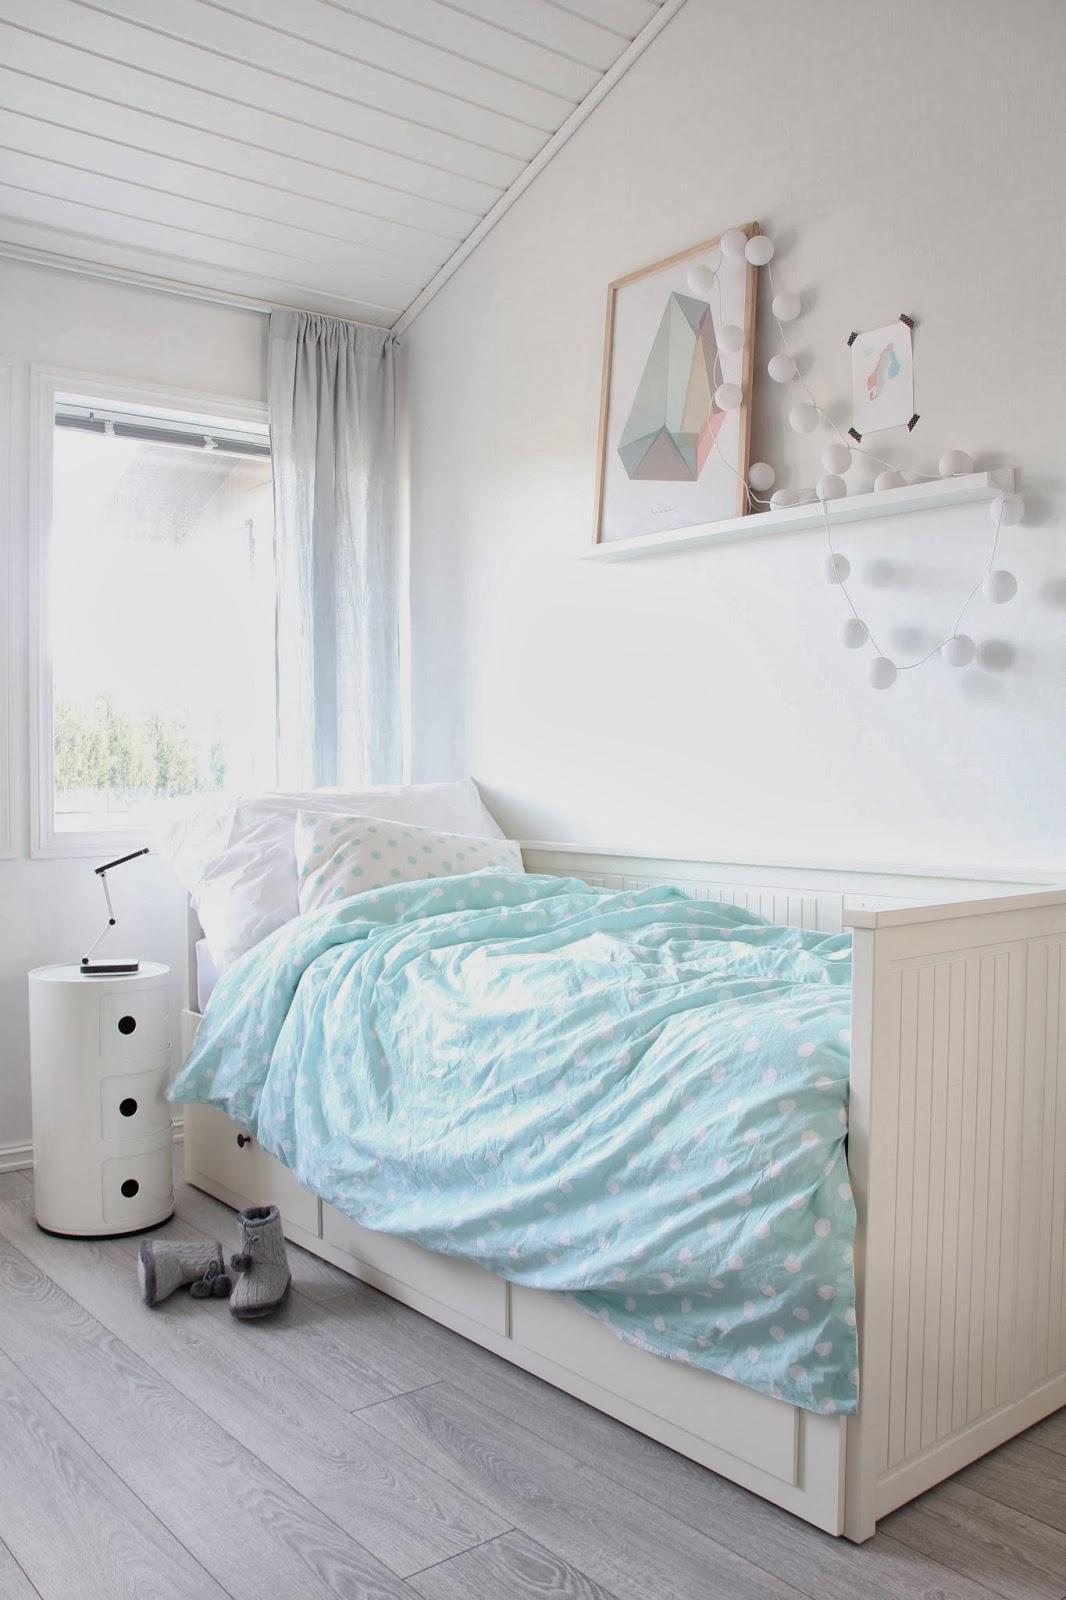 Kids bedrooms decorated with scandinavian style becoration for Scandinavian childrens bedroom